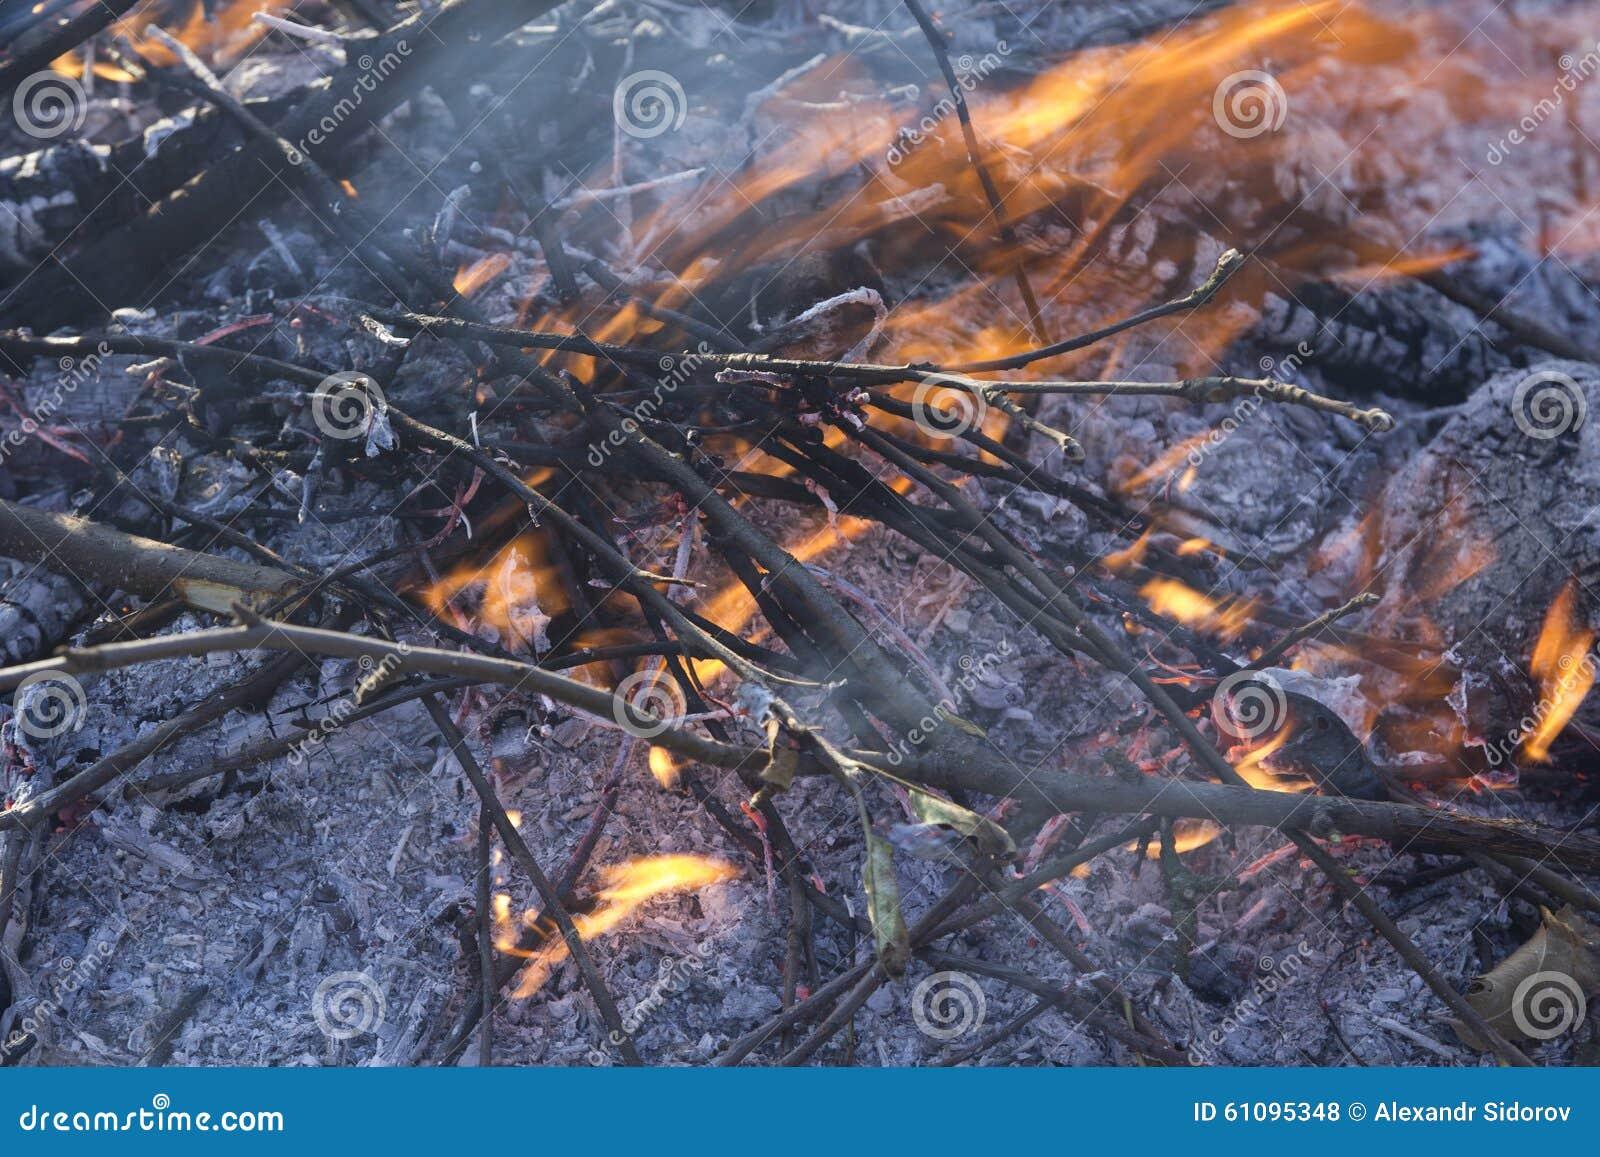 关闭与火焰和炭烬的死的火